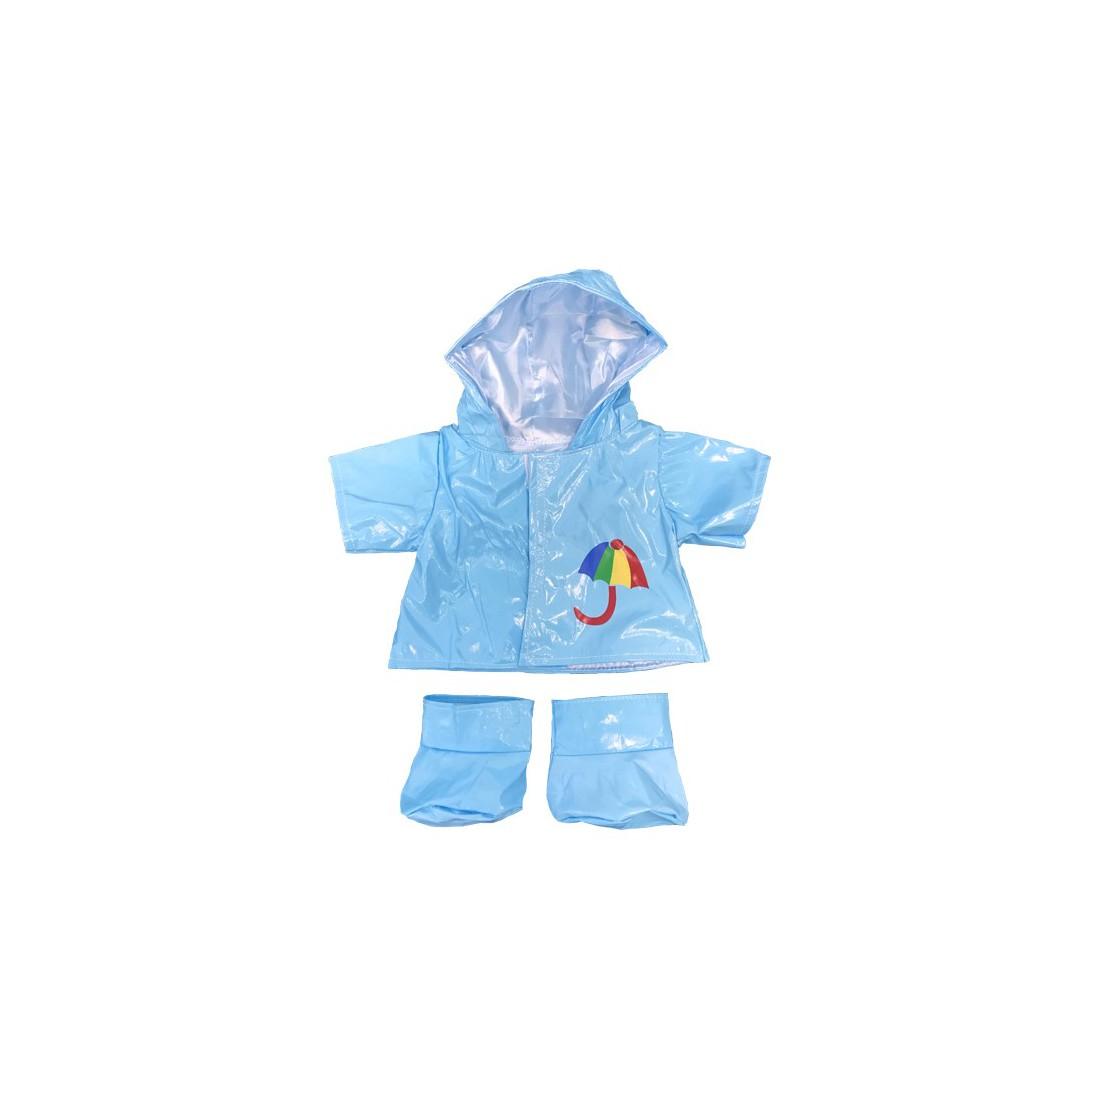 Ensemble de pluie bleu 40 cm - La tenue idéale pour les peluches personnalisées ! Transformez votre Teddy en un inséparable comp